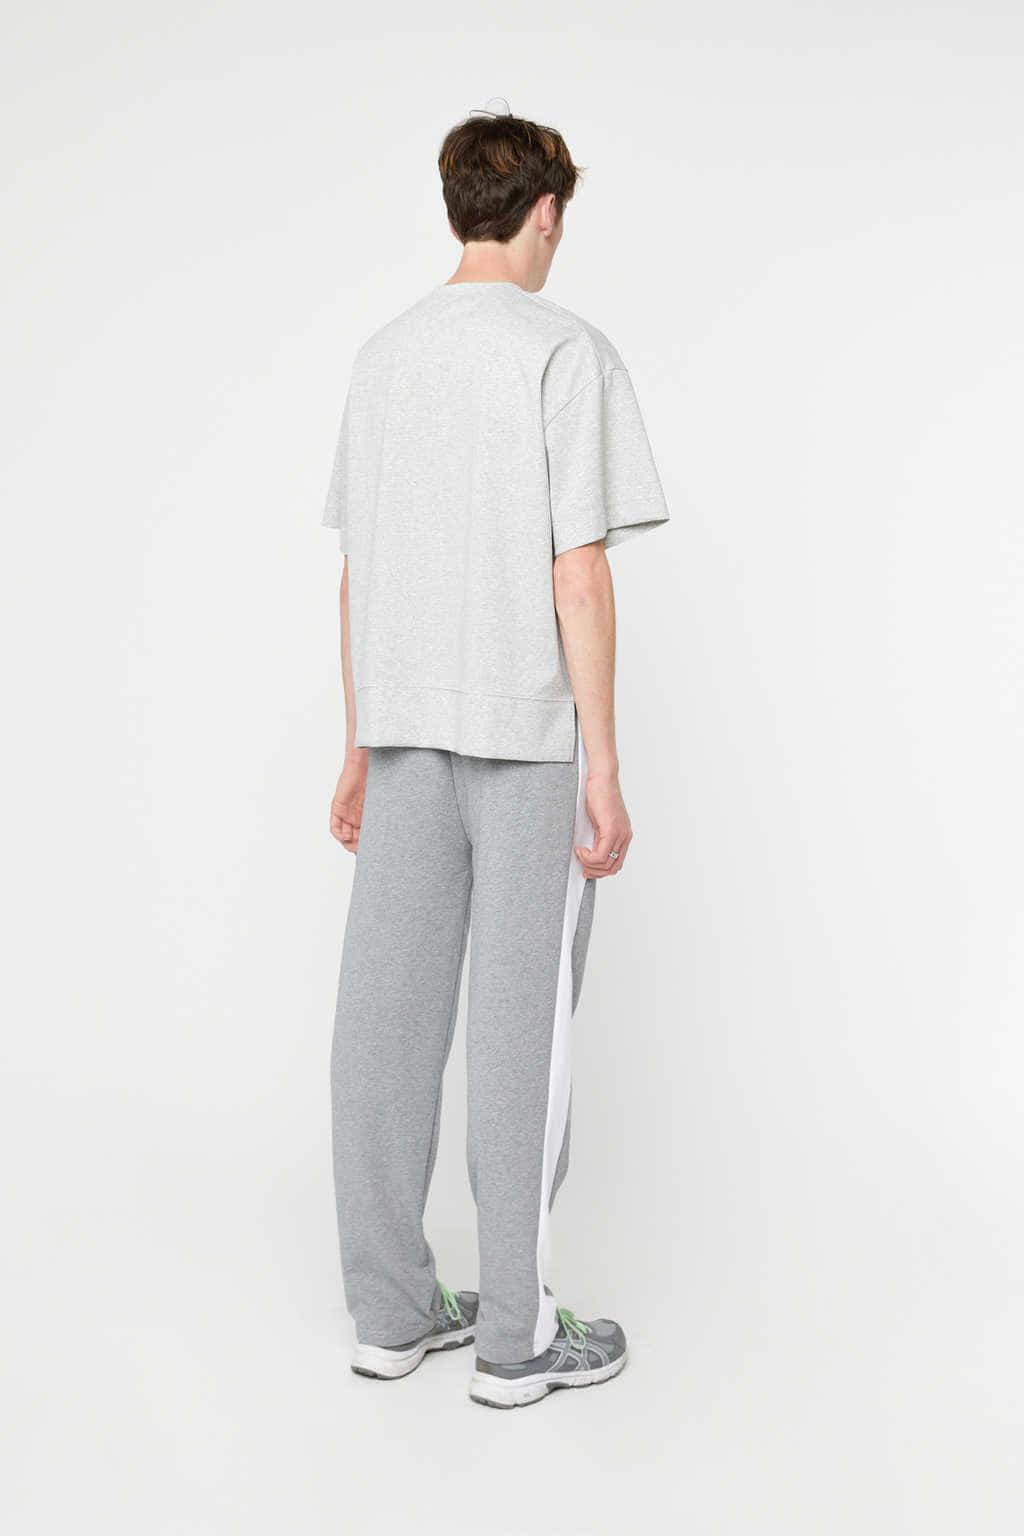 TShirt K007M Gray 4